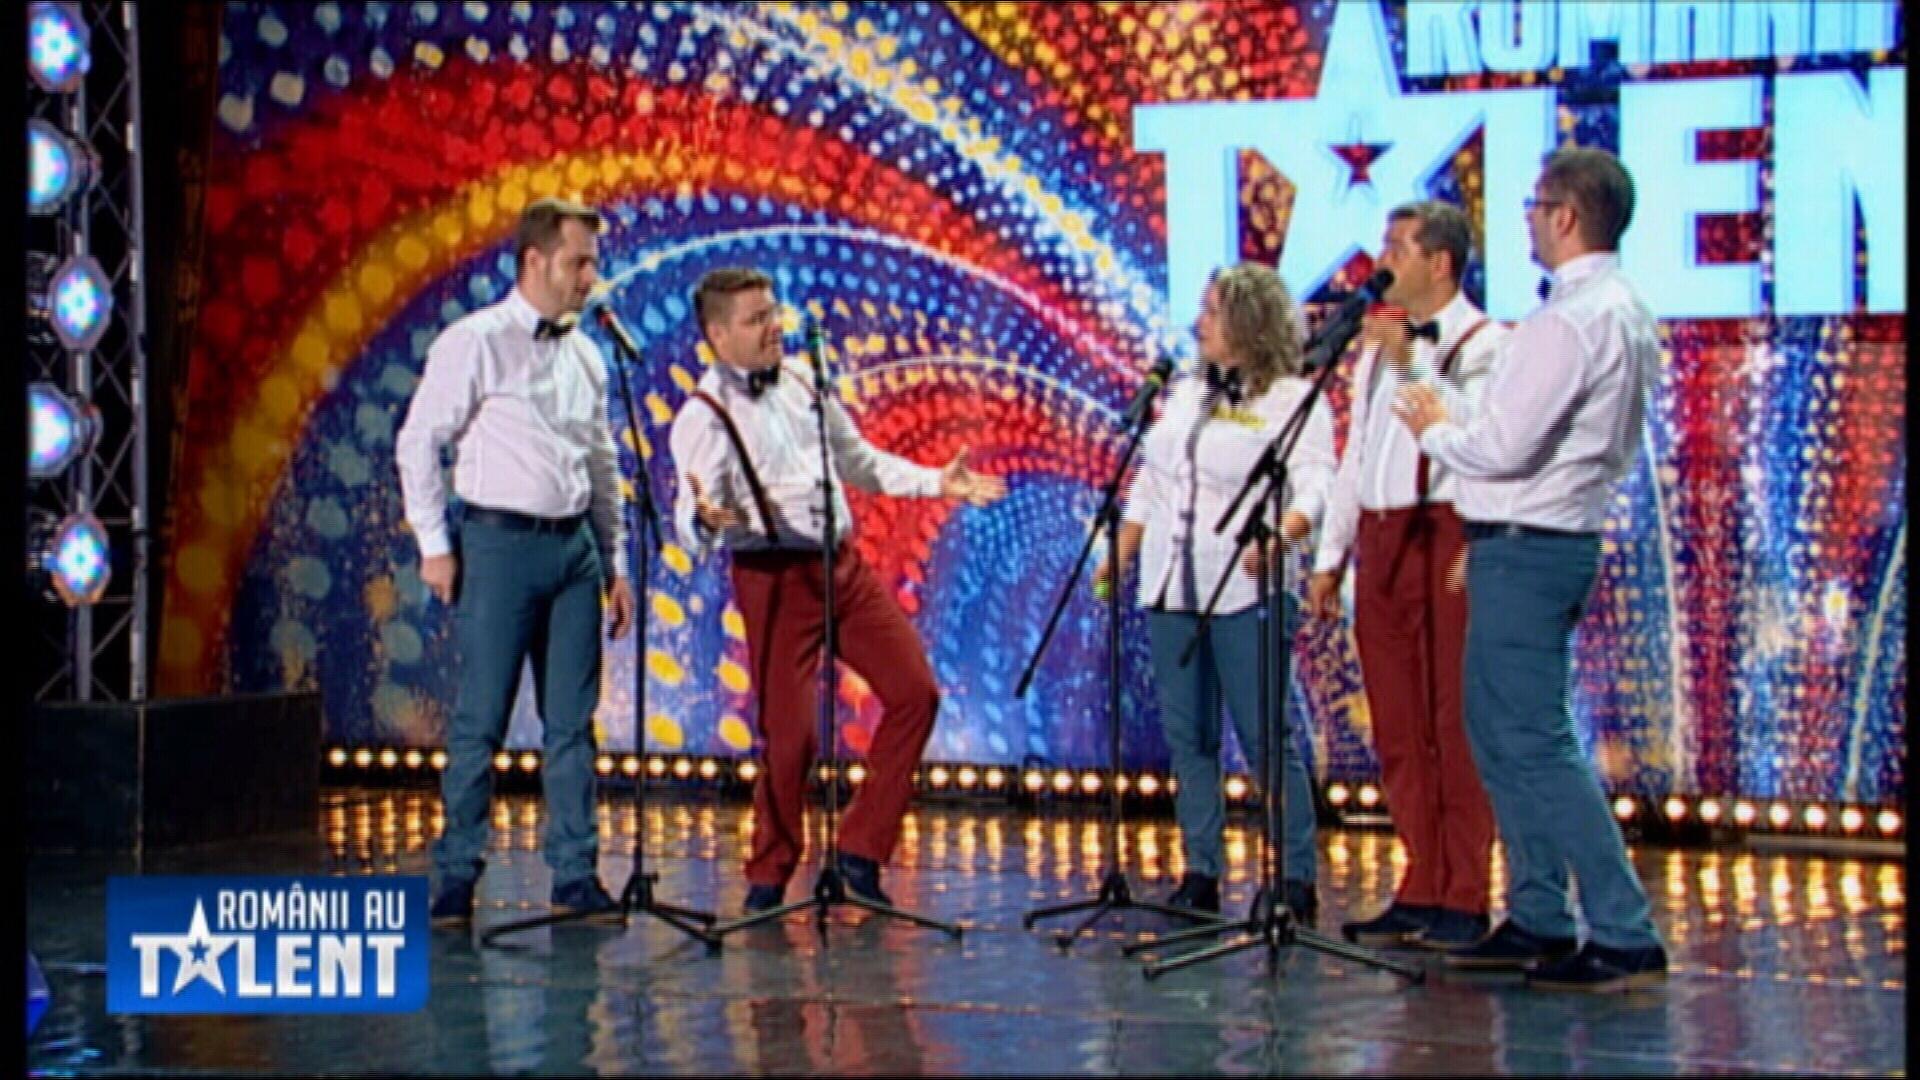 Romanii au talent, sezonul 4. Cvintetul vocal Anatoly din Brasov a primit biletul care ii trimite direct in semifinale